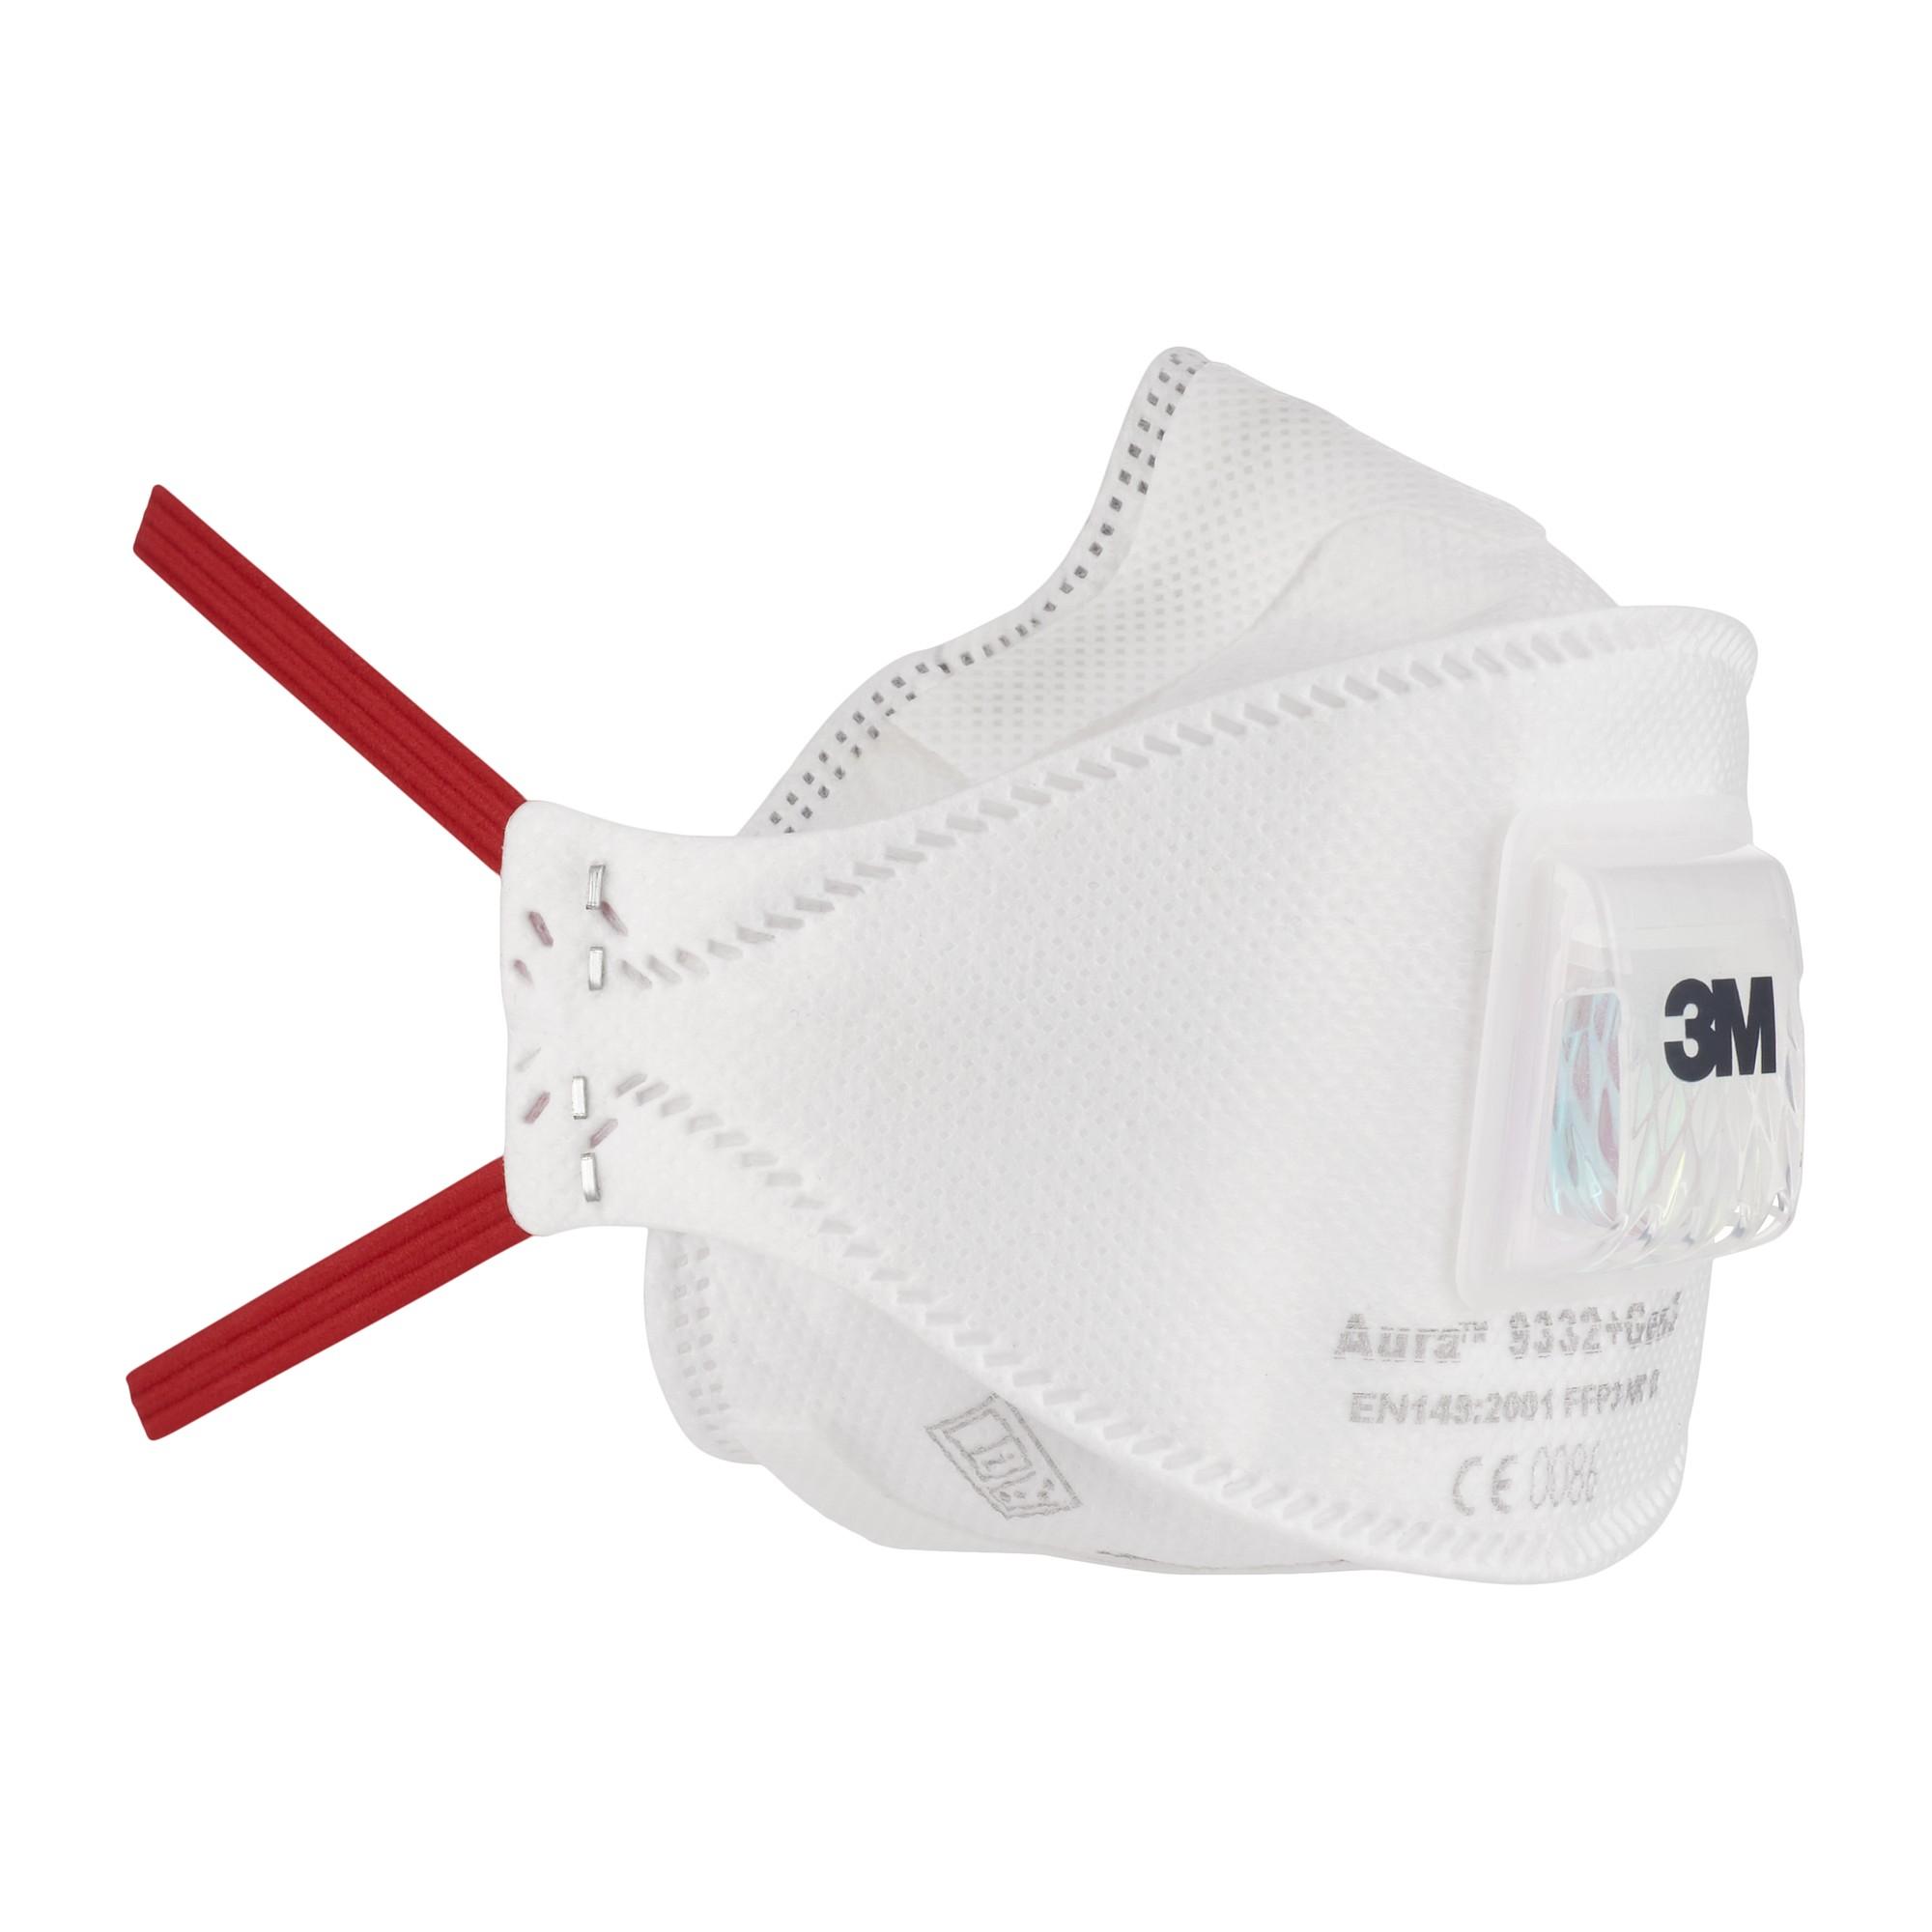 Полумаска фильтрующая (респиратор) для защиты от аэрозолей (с ...